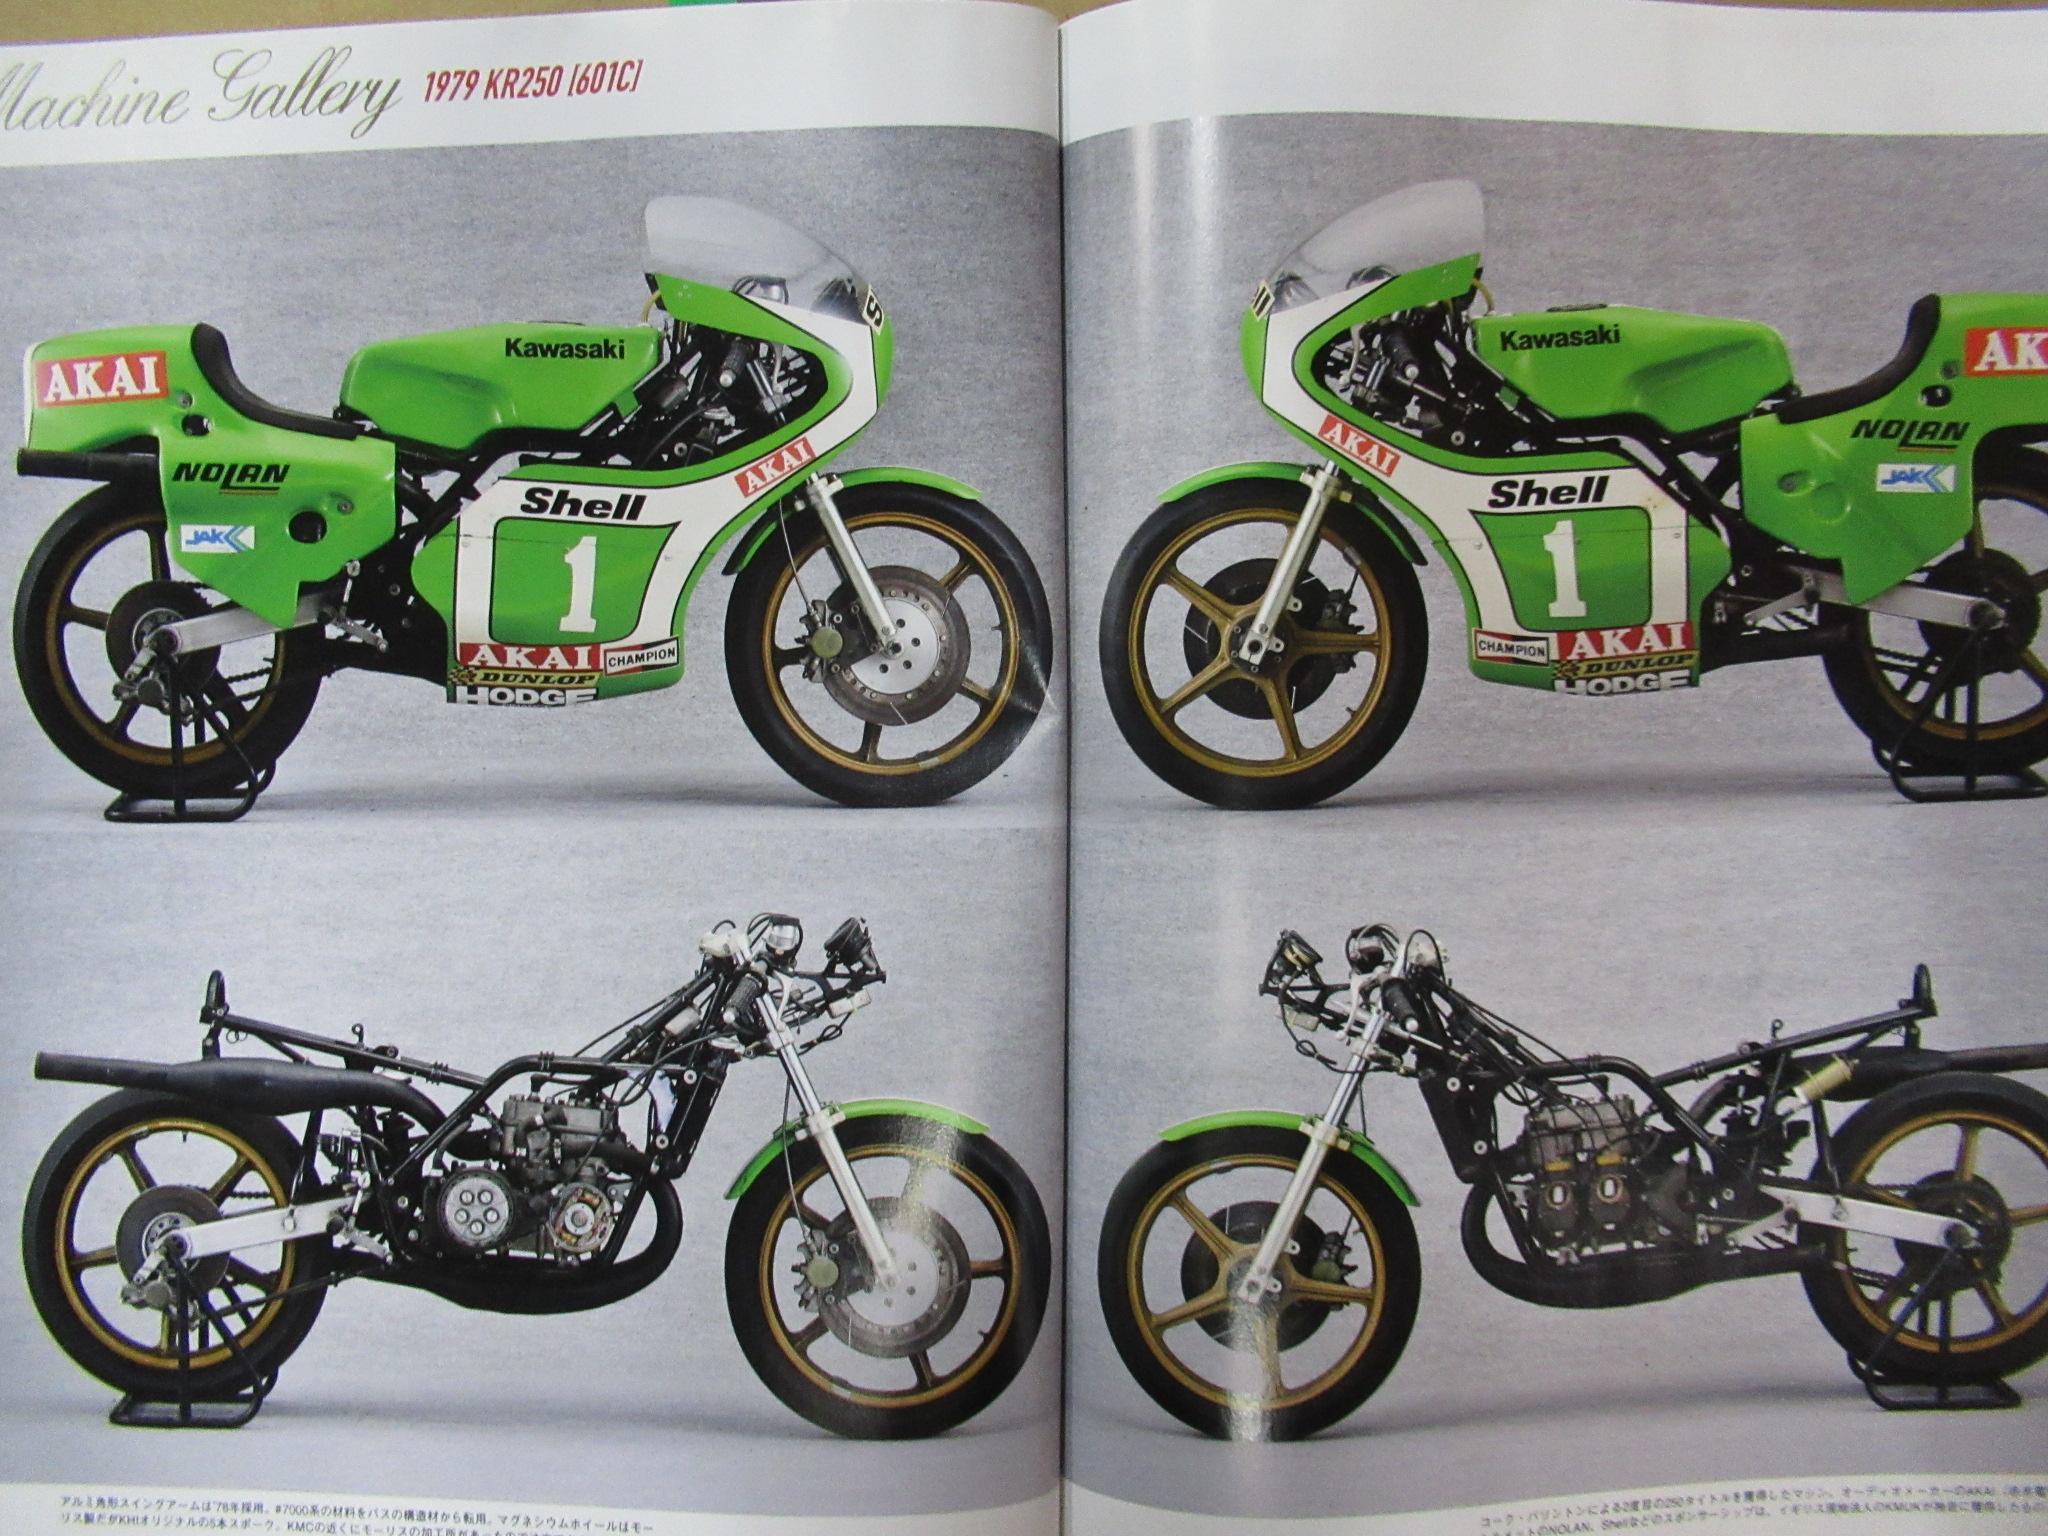 http://www.precious-factory.com/preciousfactory2010/IMG_0826.JPG